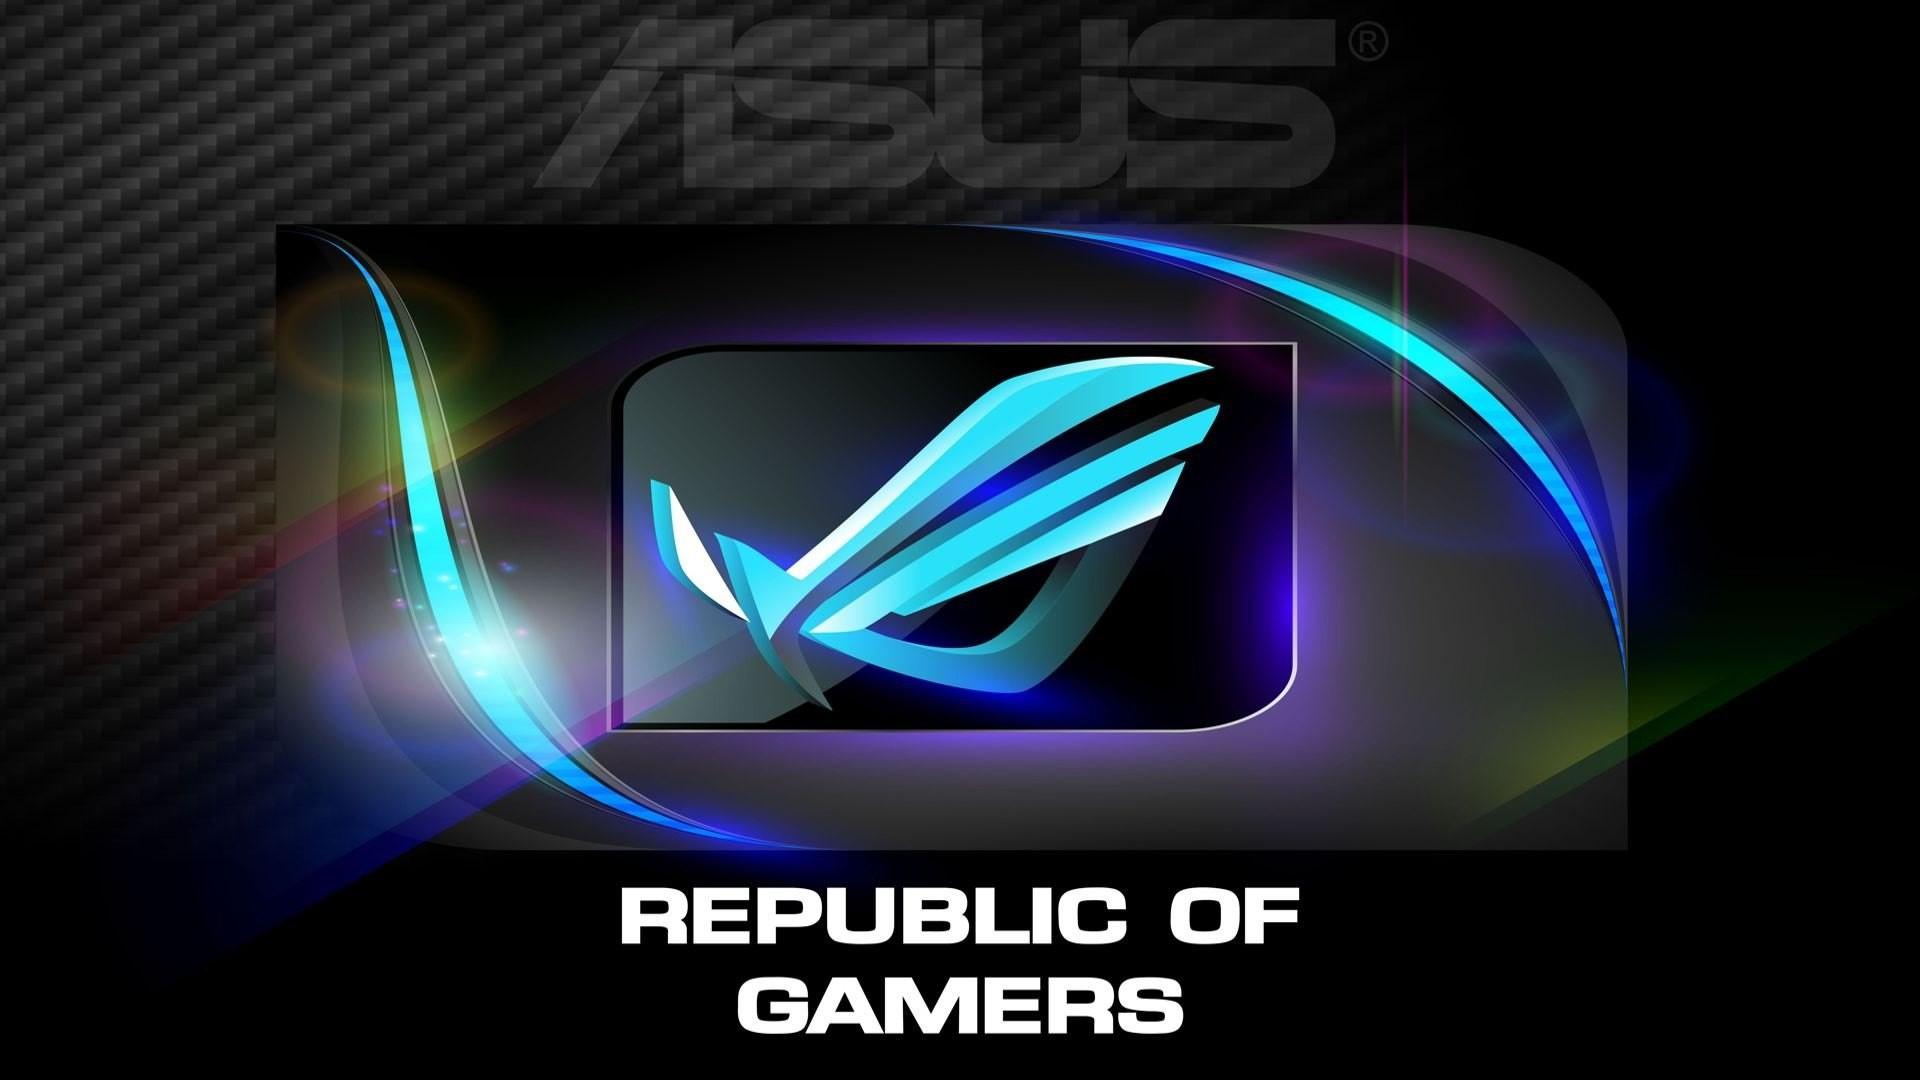 Unduh 600+ Wallpaper Asus Republik Of Gamer HD Terbaik